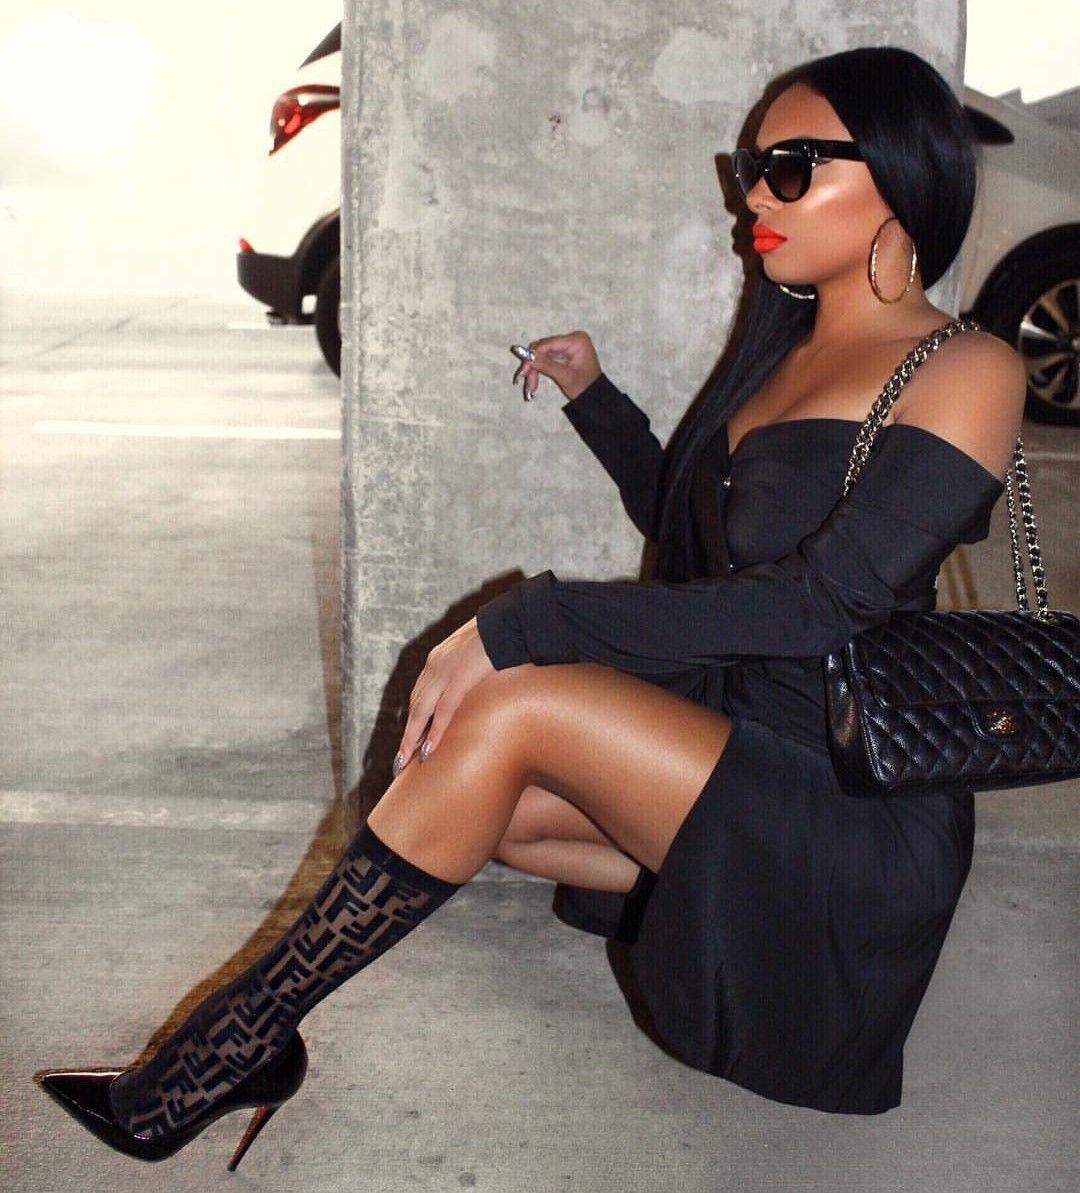 Fendi socks | Outfits, Stylish outfits